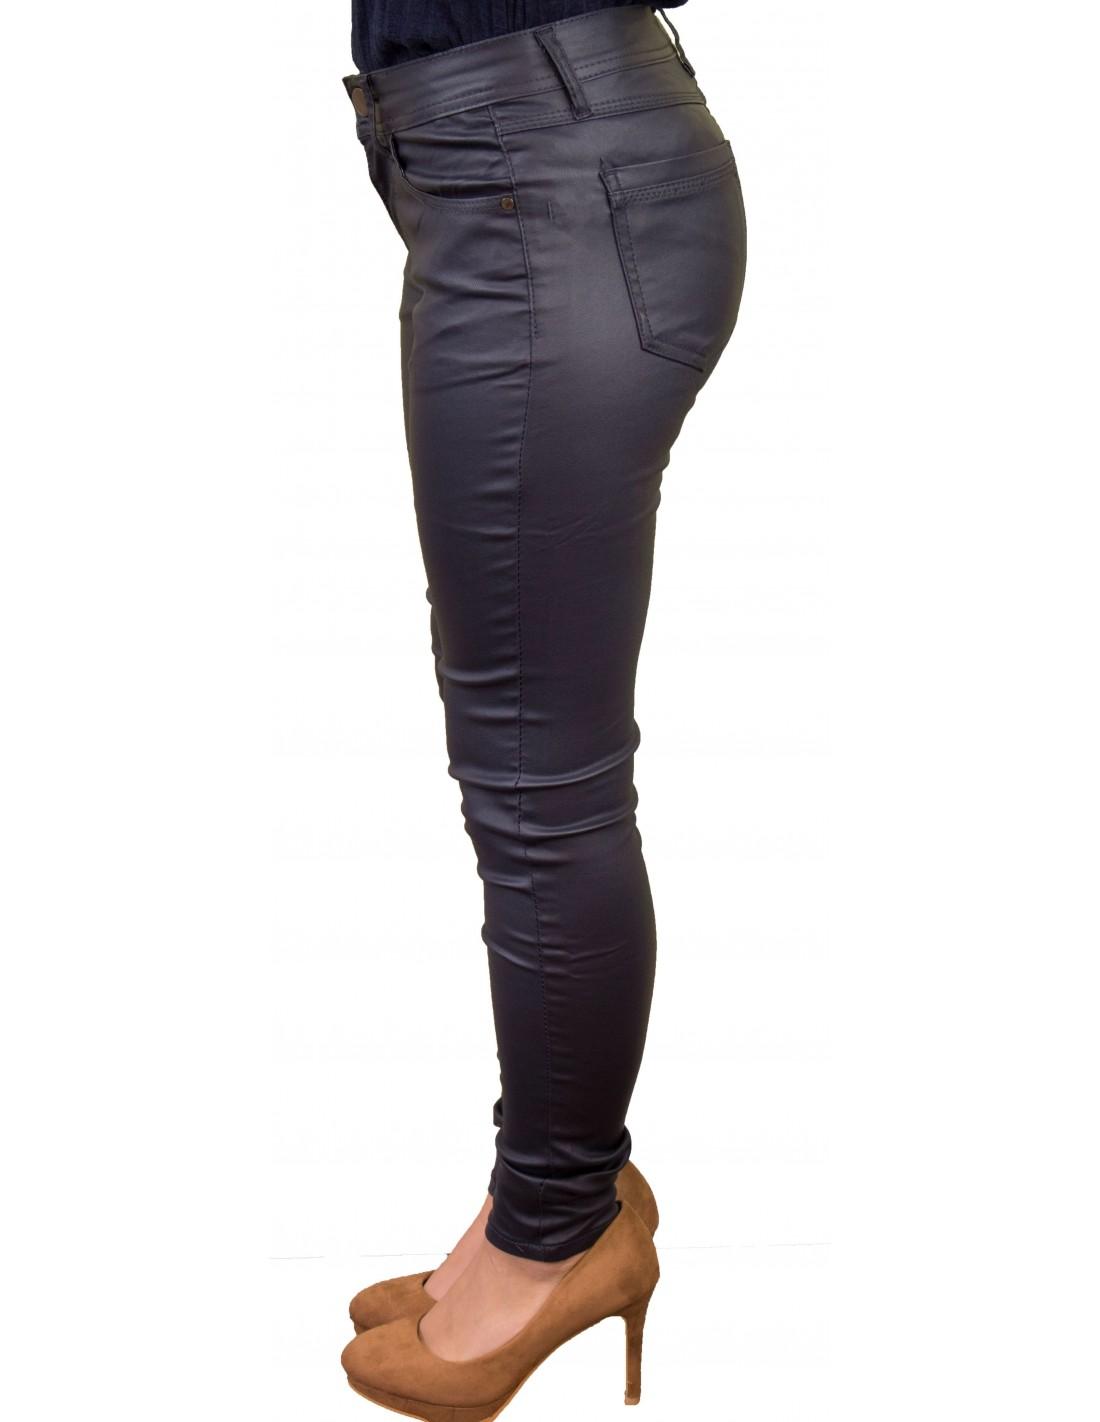 Bleu Jean Slim Enduit Stretch Souple Femme Marine X8n0PwOk